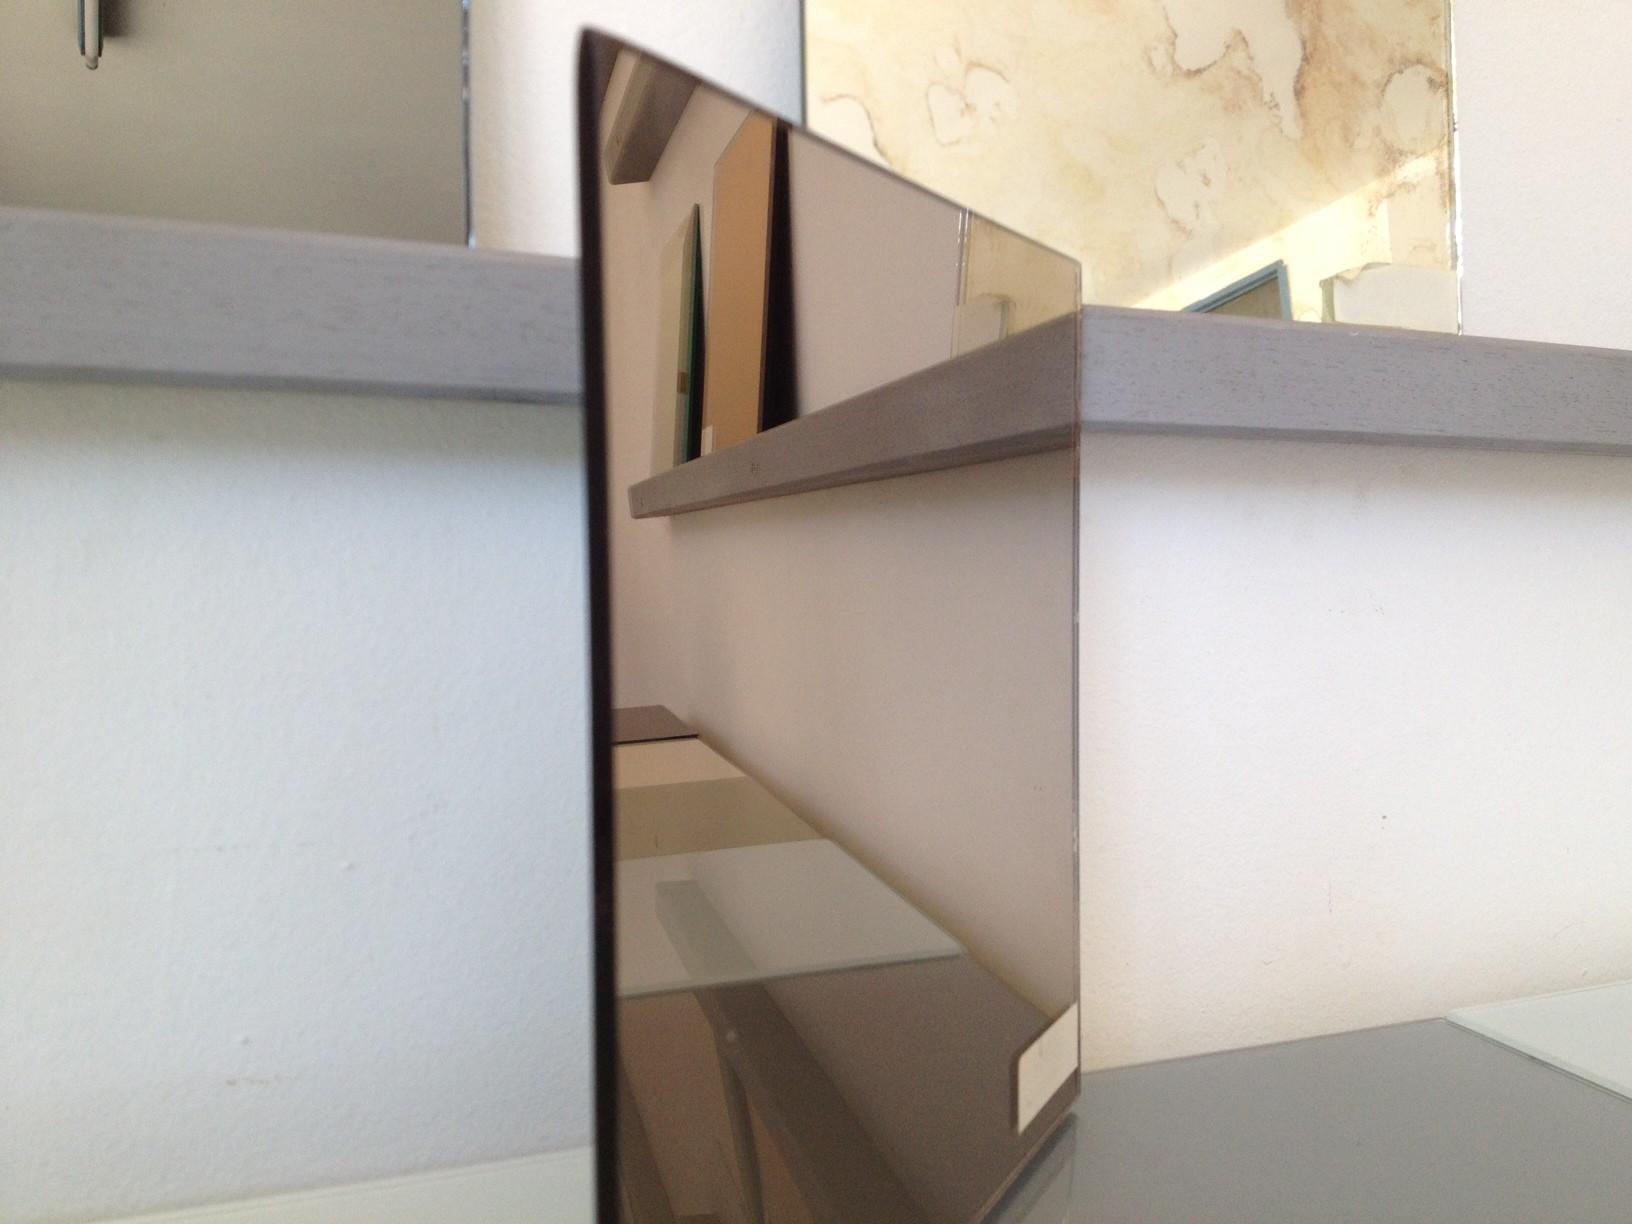 Miroir sur mesure argent bronze vieilli sans tain for Verre miroir sans tain